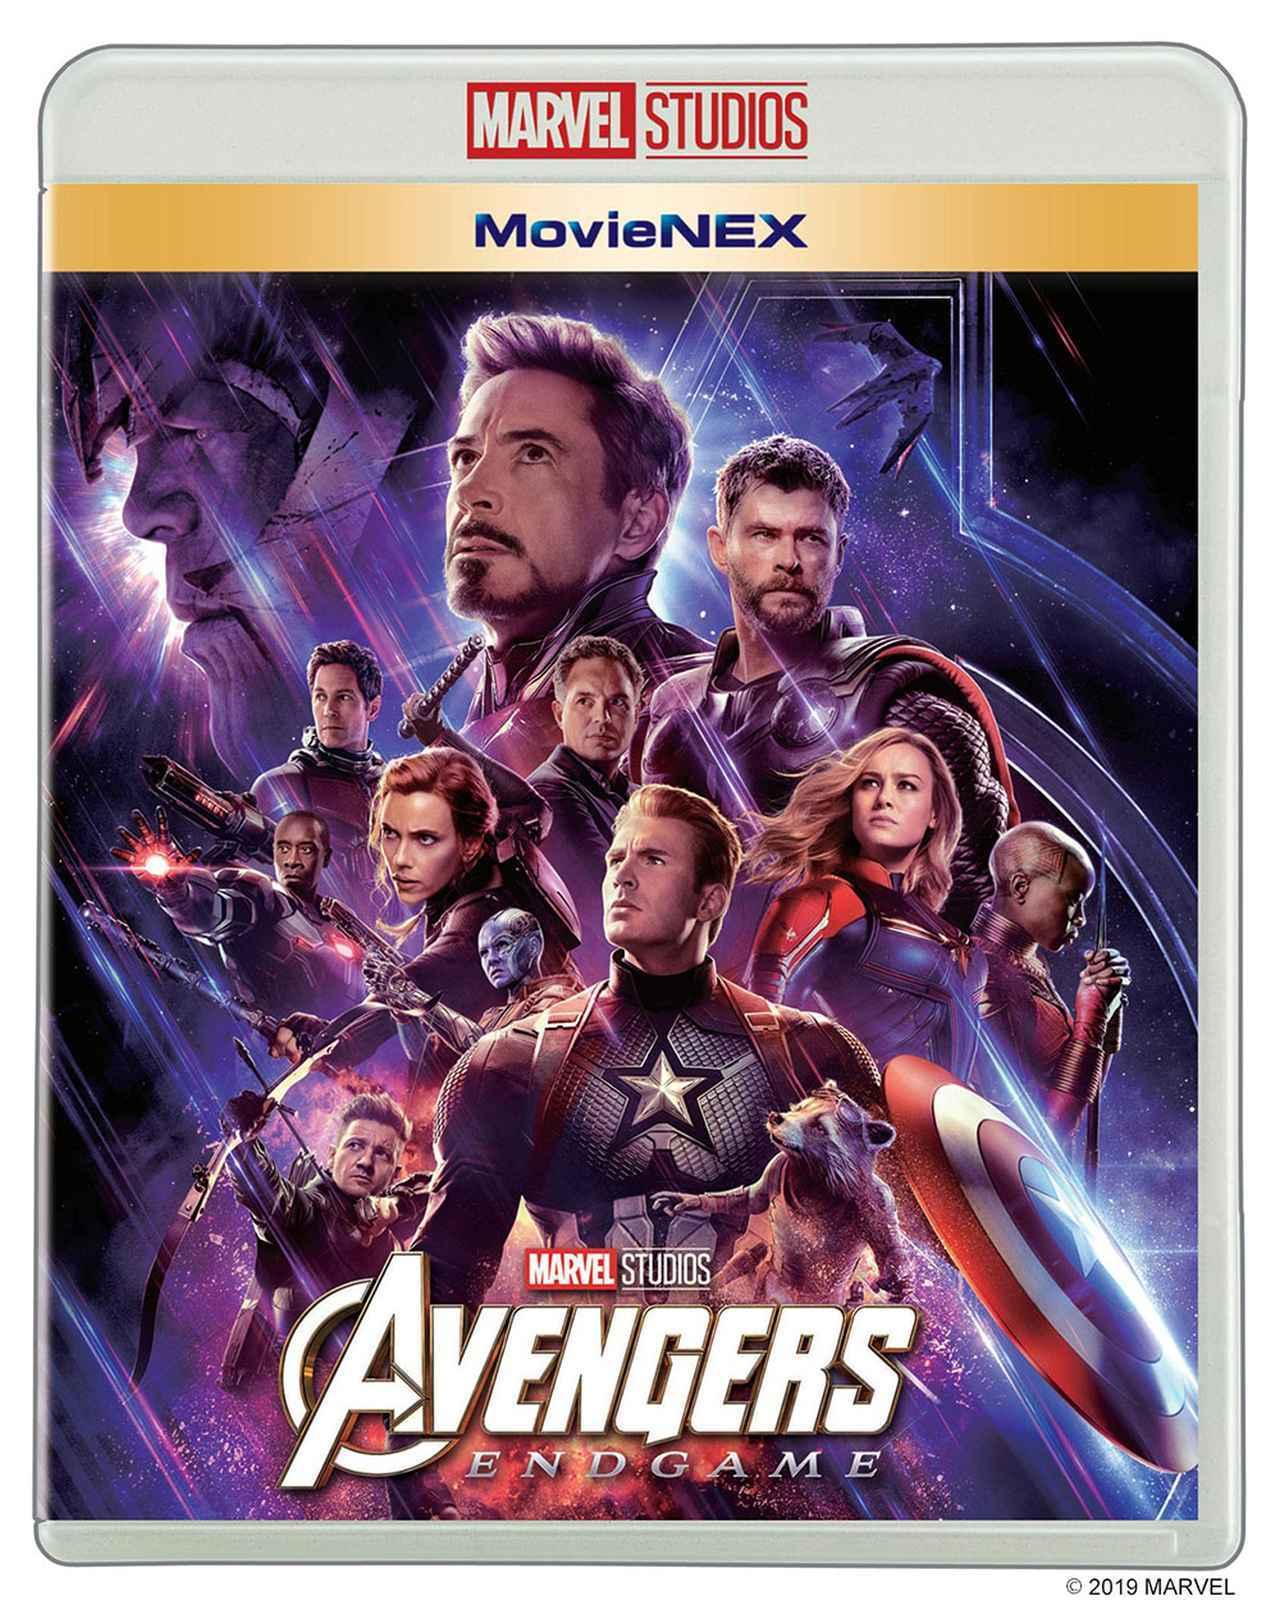 画像: 『アベンジャーズ/エンドゲーム』 写真のMovieNEXは¥4,200(税別)で、4K UHD MovieNEXは¥8,000(税別)で発売される。その他に4K UHD MovieNEXプレミアムBOX(数量限定)が¥10,000(税別)となる